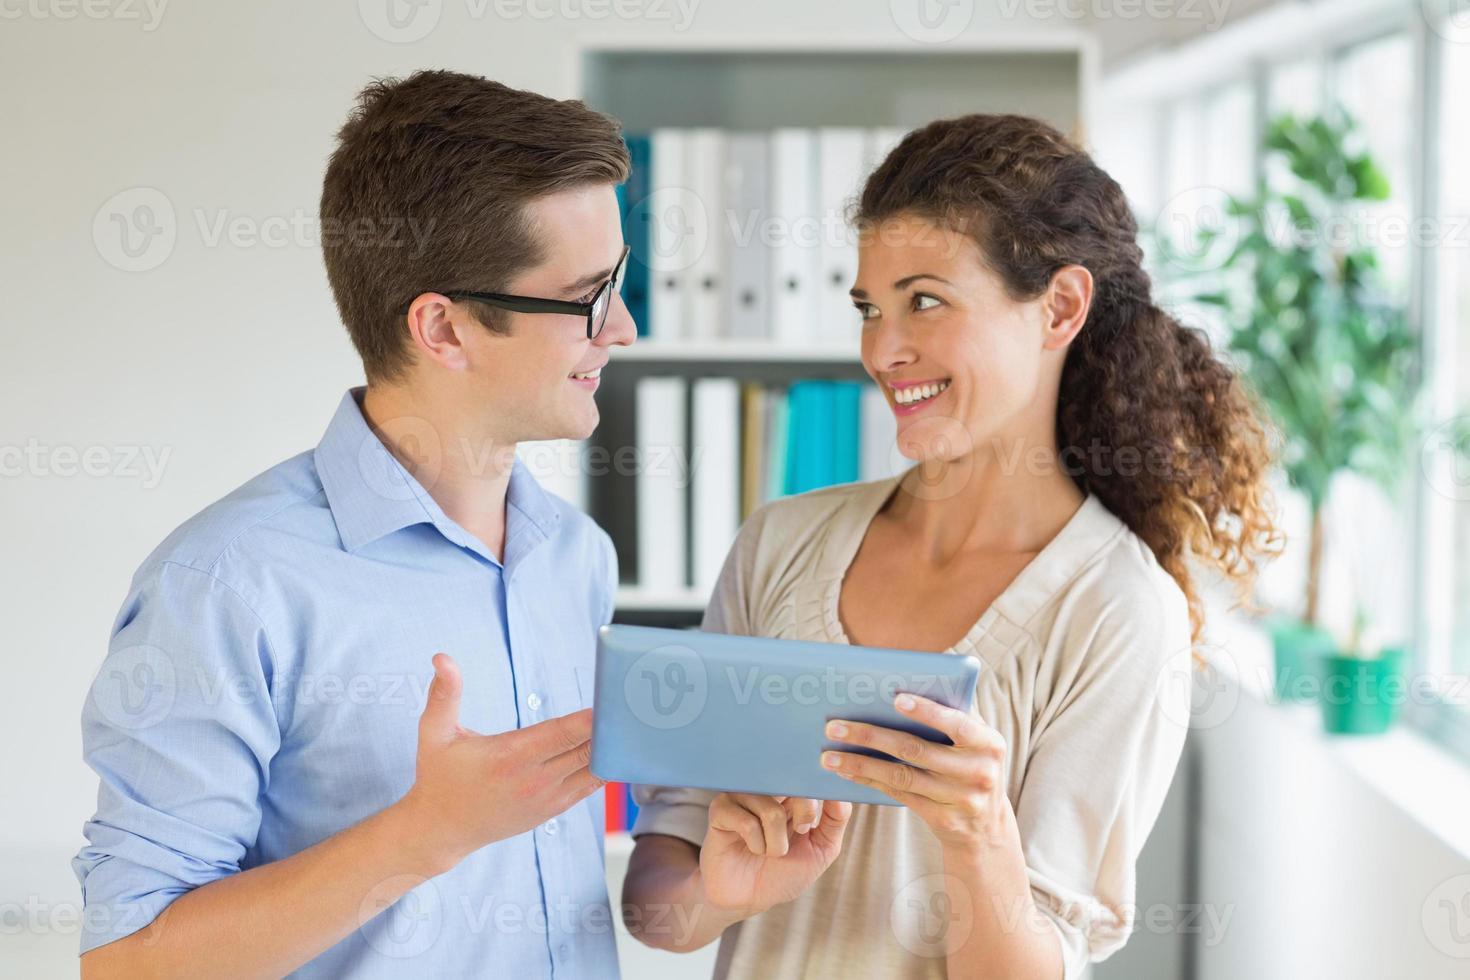 pessoas de negócios se comunicando sobre tablet digital foto